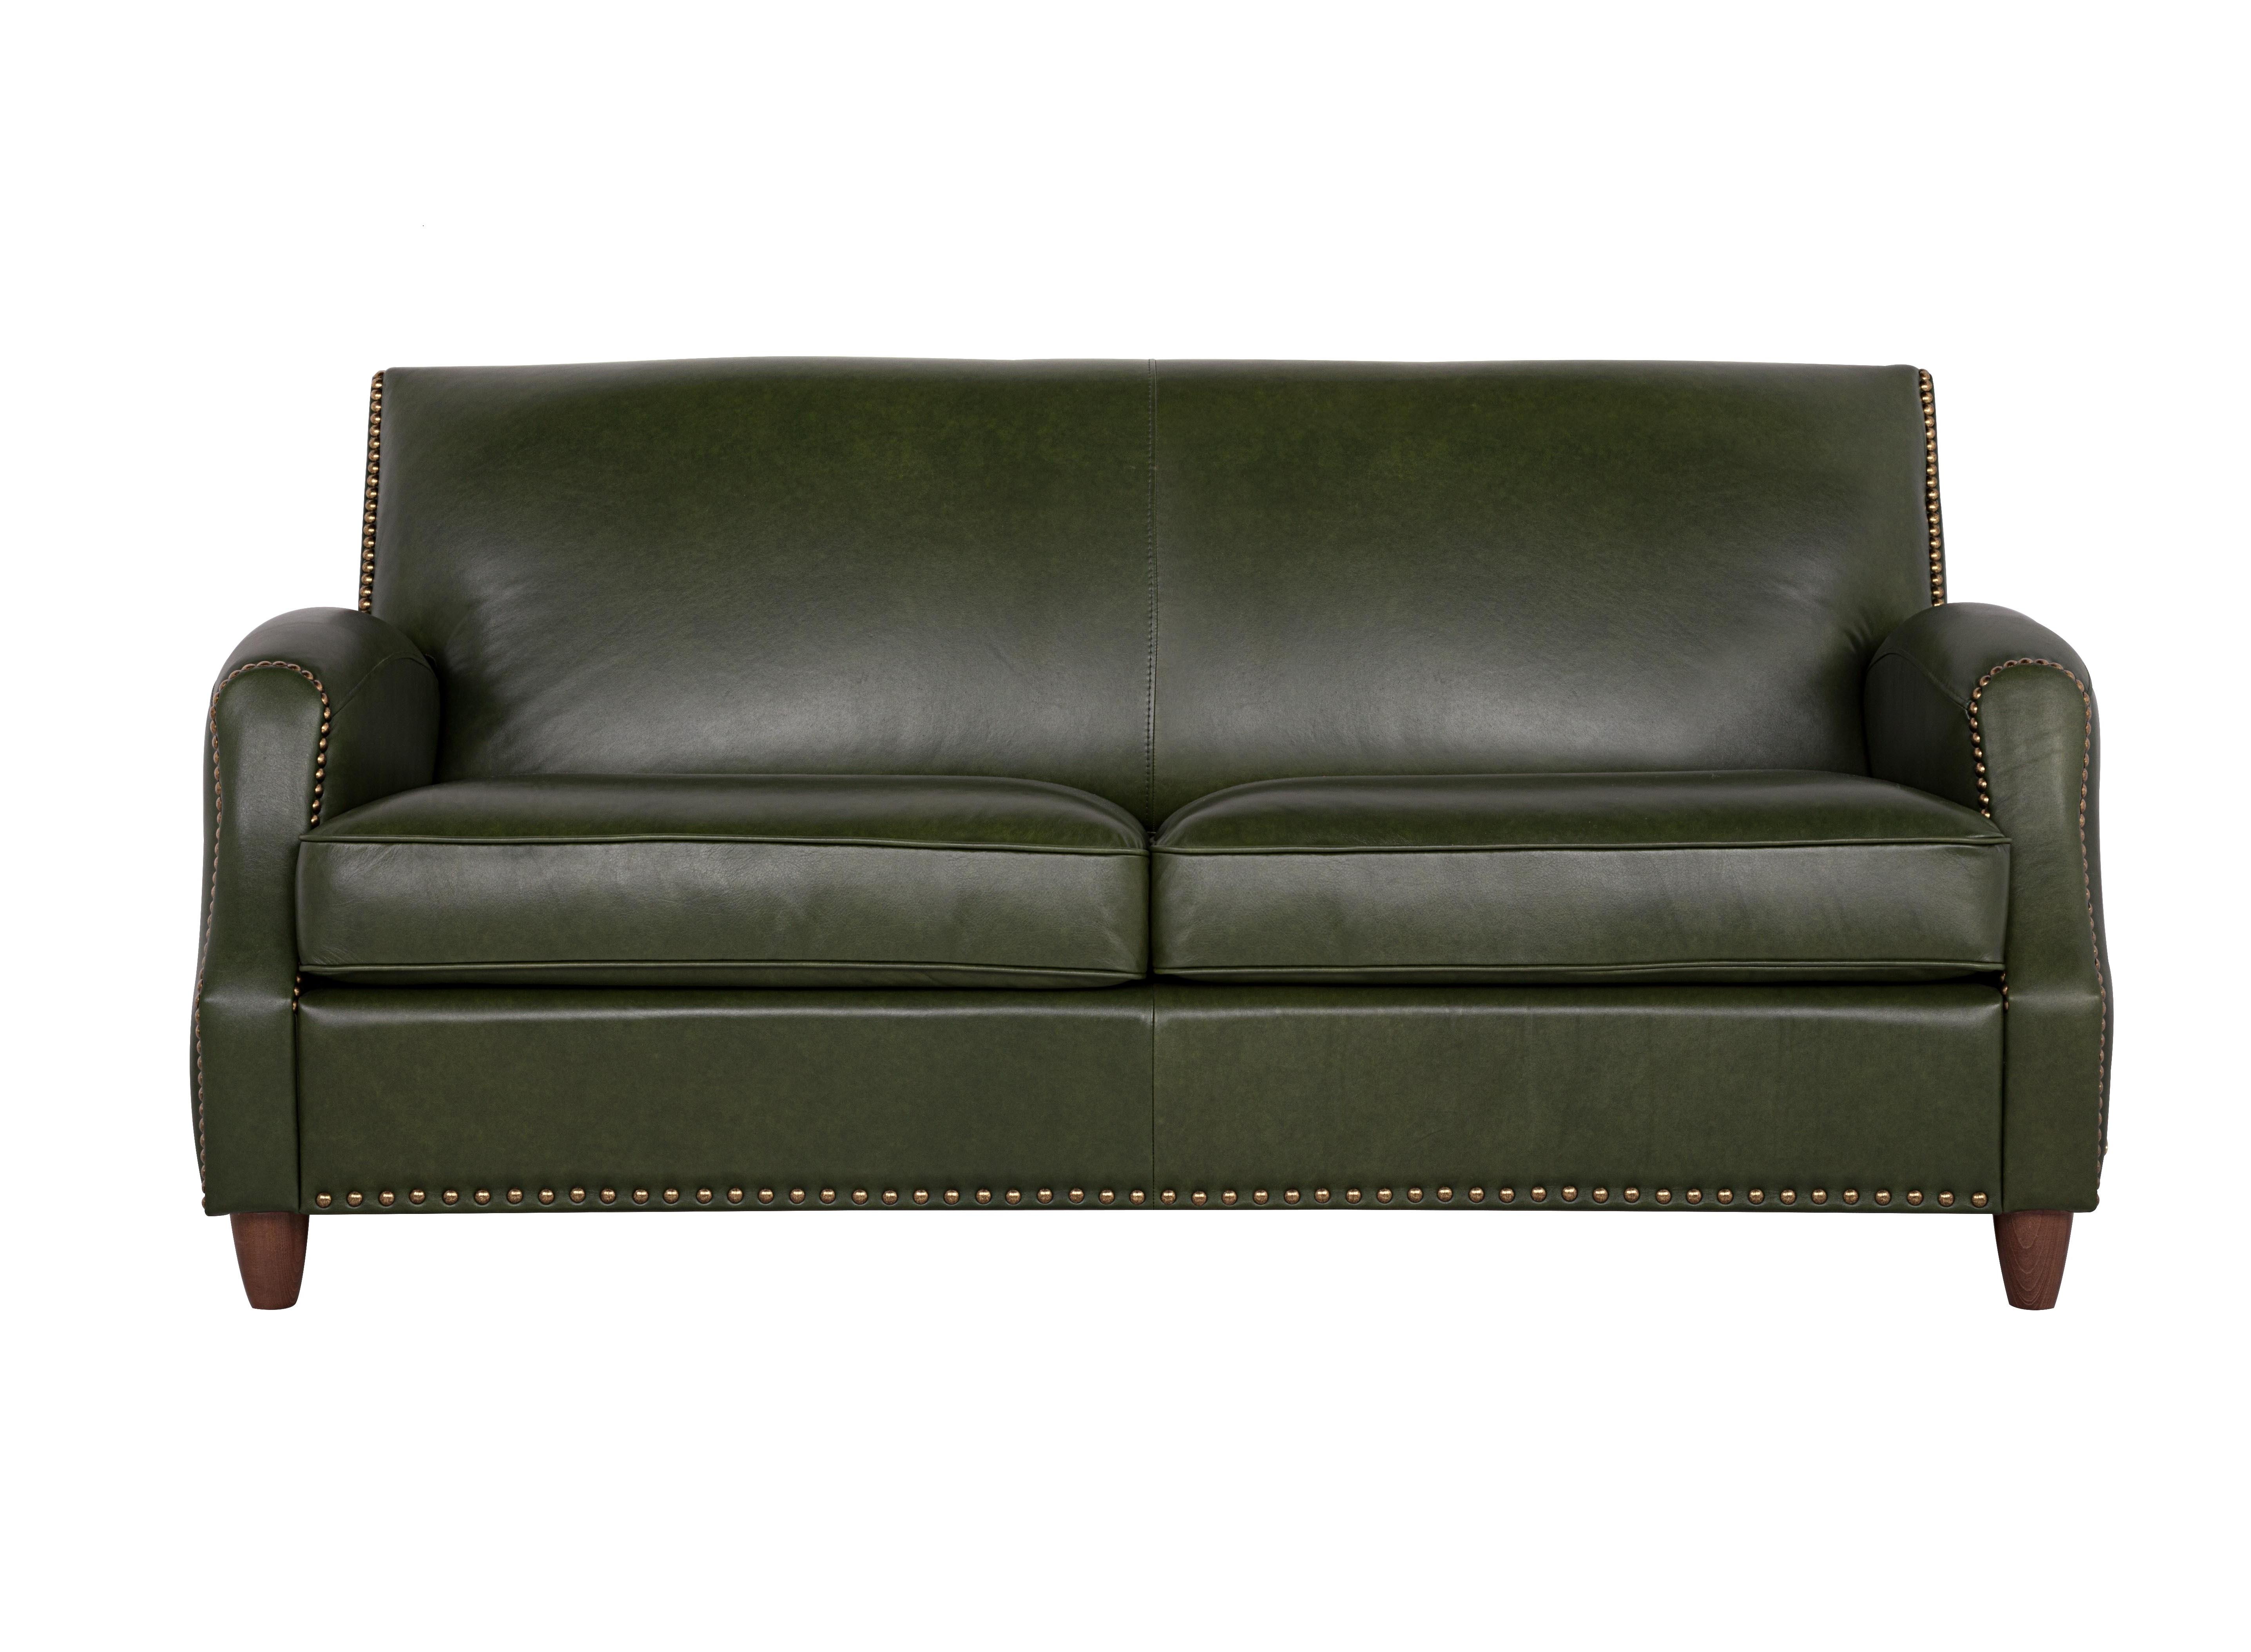 Диван-кровать ШервудПрямые раскладные диваны<br>Сам дух Британии царит в дизайне дивана «Шервуд». Культ традиций, строгость и внешнее спокойствие. И при этом буря страстей, свободолюбие и независимость, скрытые внутри. Компактный диван выполнен в лучший традициях Англии – идеальная форма и лучшее качество материалов.&amp;amp;nbsp;&amp;lt;div&amp;gt;&amp;lt;br&amp;gt;&amp;lt;/div&amp;gt;&amp;lt;div&amp;gt;Механизм трансформации миксотойл.&amp;amp;nbsp;&amp;lt;div&amp;gt;Спальное место 182*133 см.1&amp;lt;/div&amp;gt;&amp;lt;div&amp;gt;100% кожа Gabria malachite&amp;lt;/div&amp;gt;&amp;lt;/div&amp;gt;<br><br>Material: Кожа<br>Width см: 176<br>Depth см: 90<br>Height см: 87